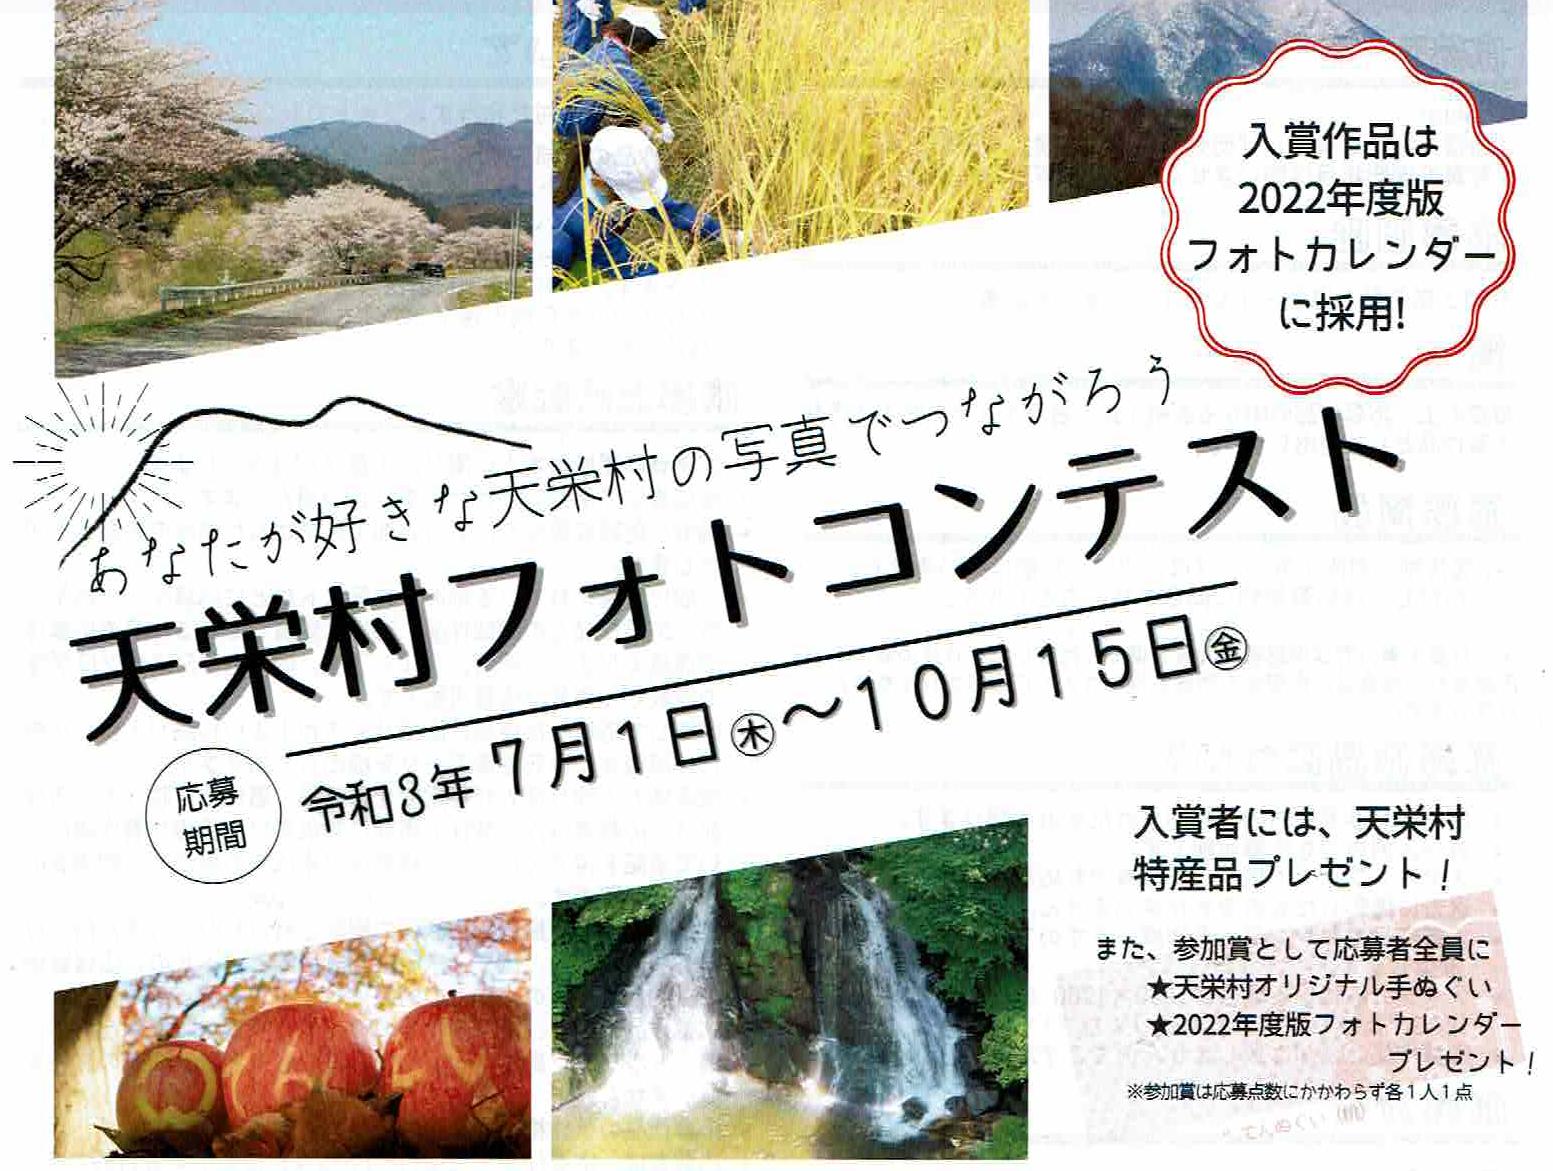 天栄村フォトコンテスト開催!◆7月1日(木)~10月15日(金)